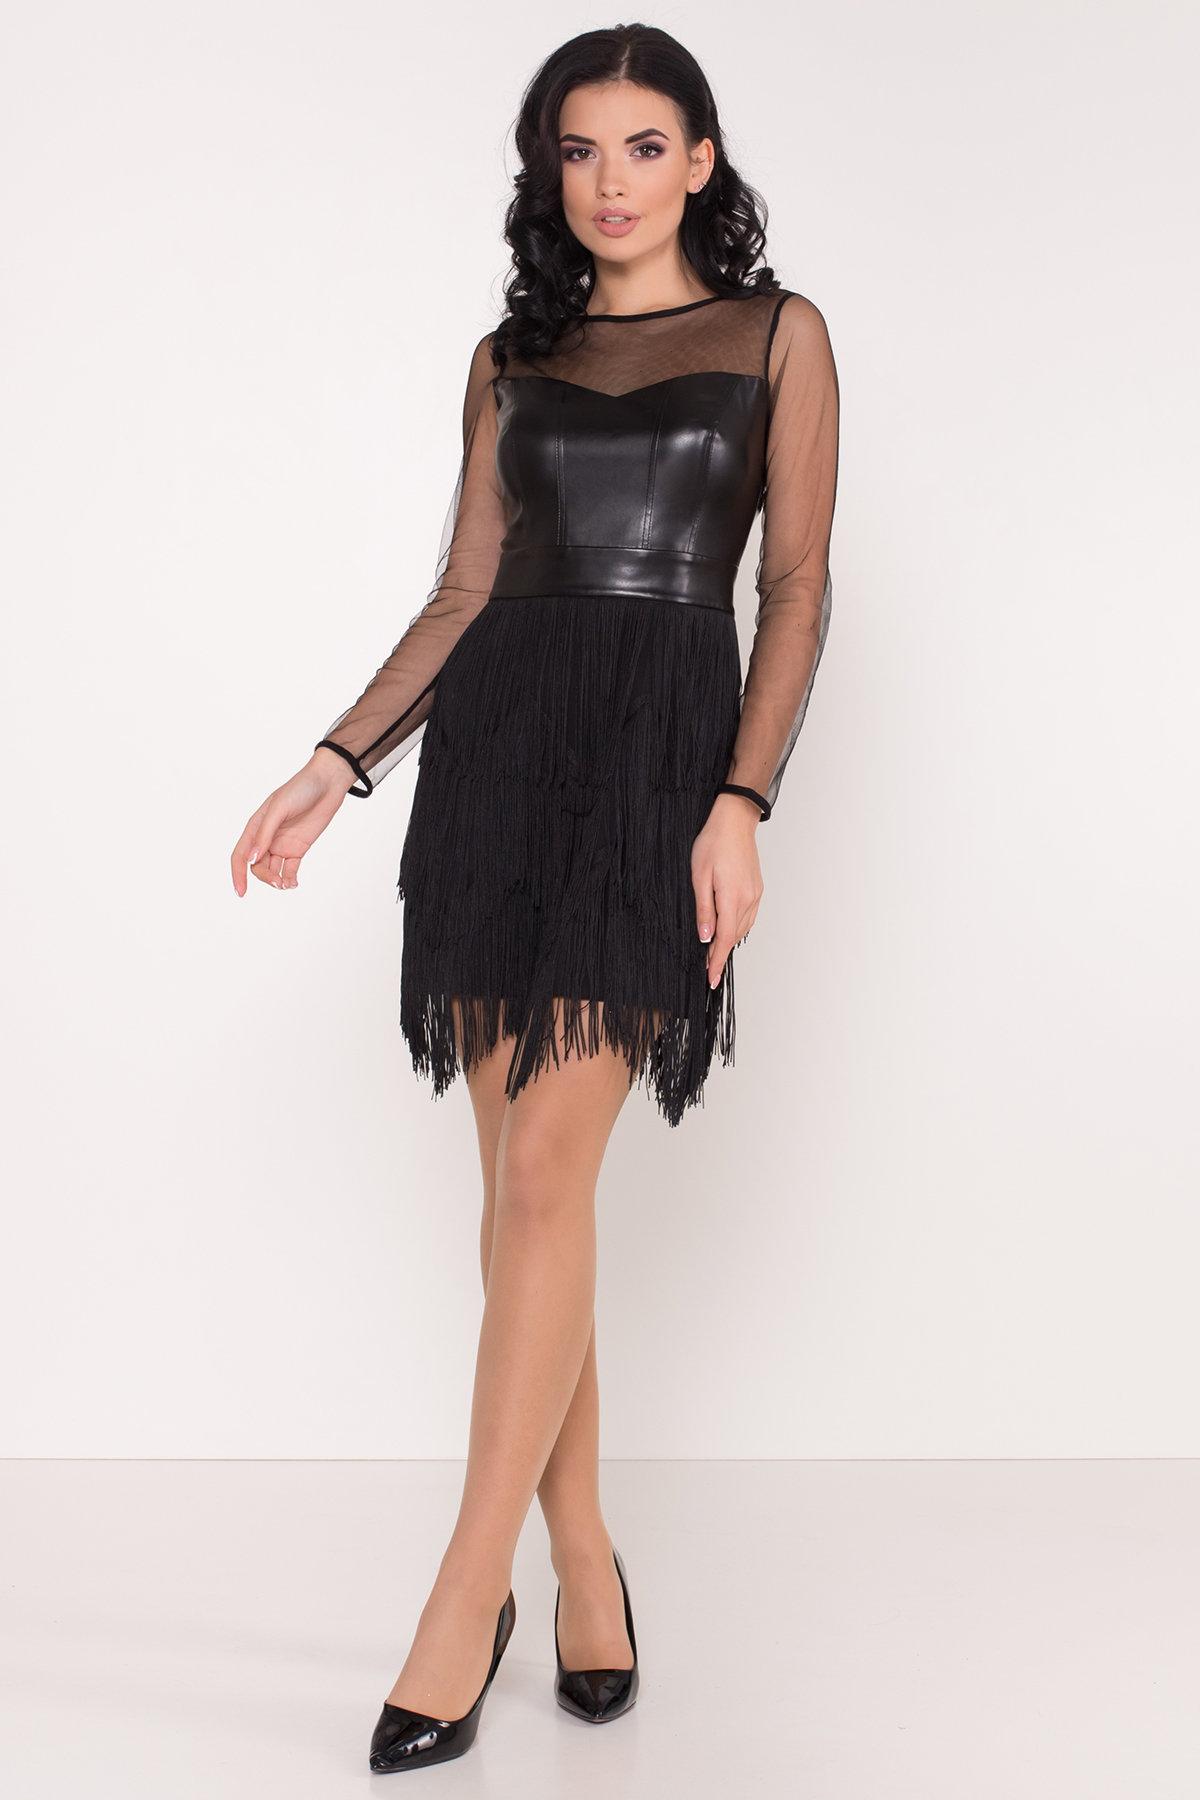 Платье Монталь 8558 АРТ. 44883 Цвет: Черный - фото 2, интернет магазин tm-modus.ru